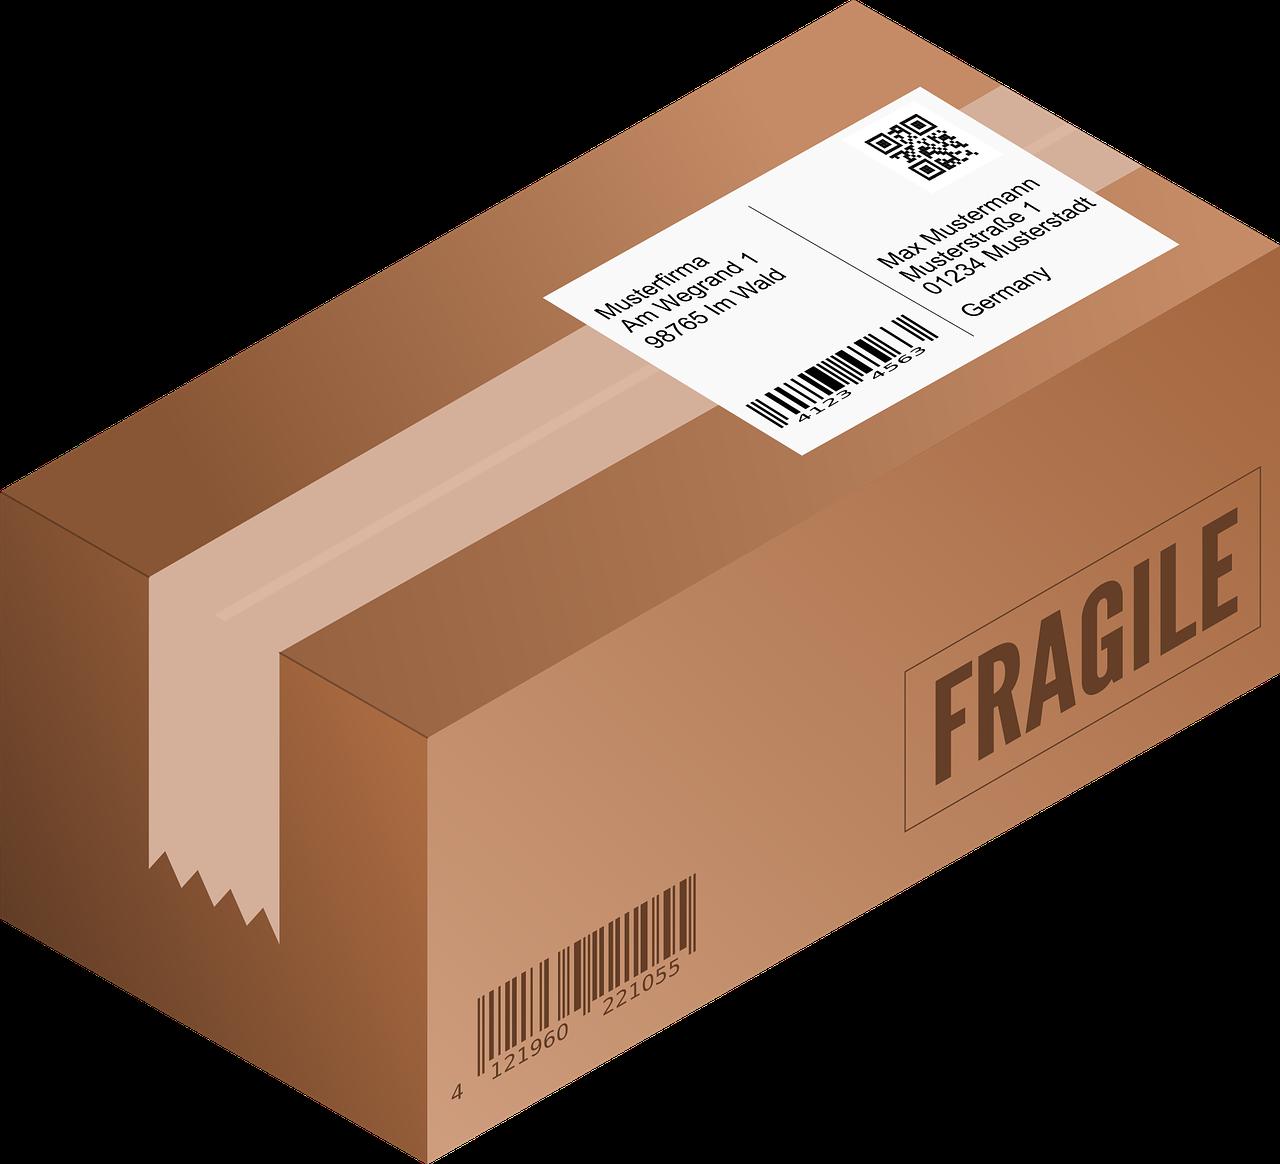 Envíos de paquetes a estudiantes Erasmus